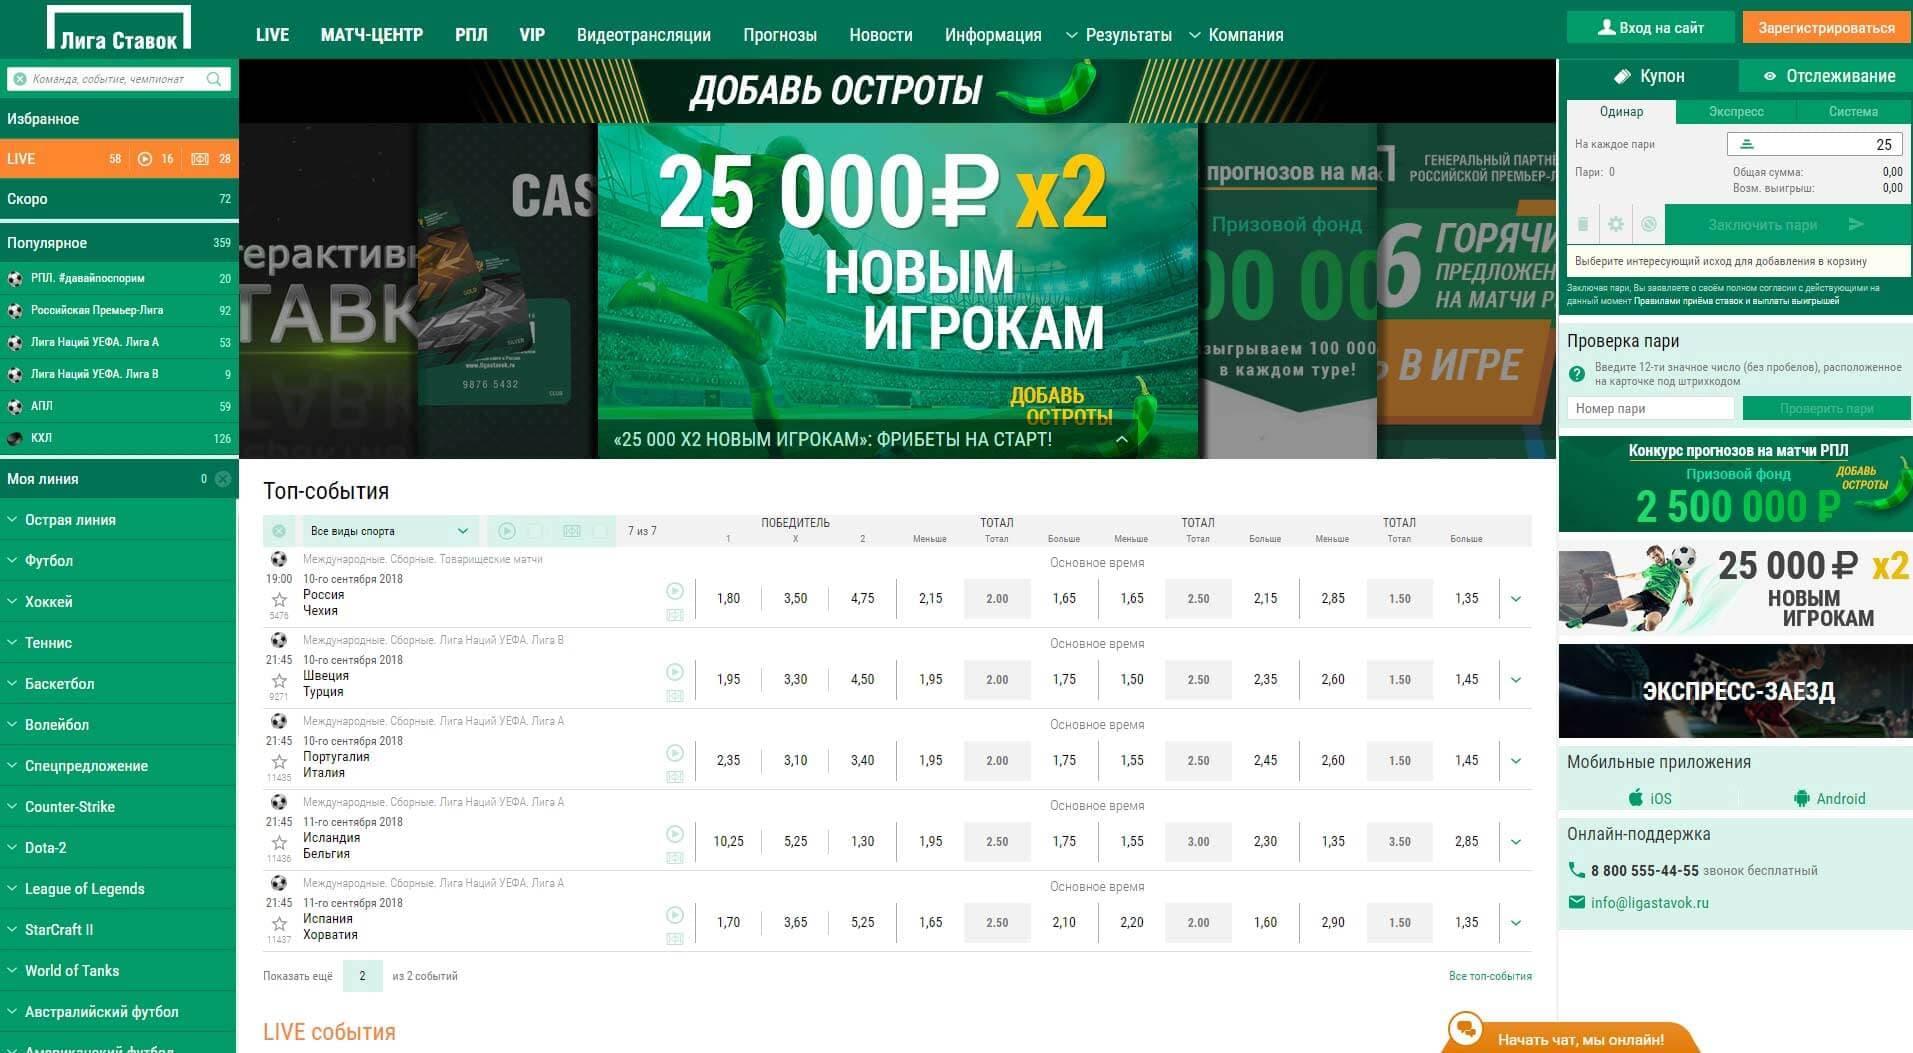 Официальный сайт Лиги Ставок